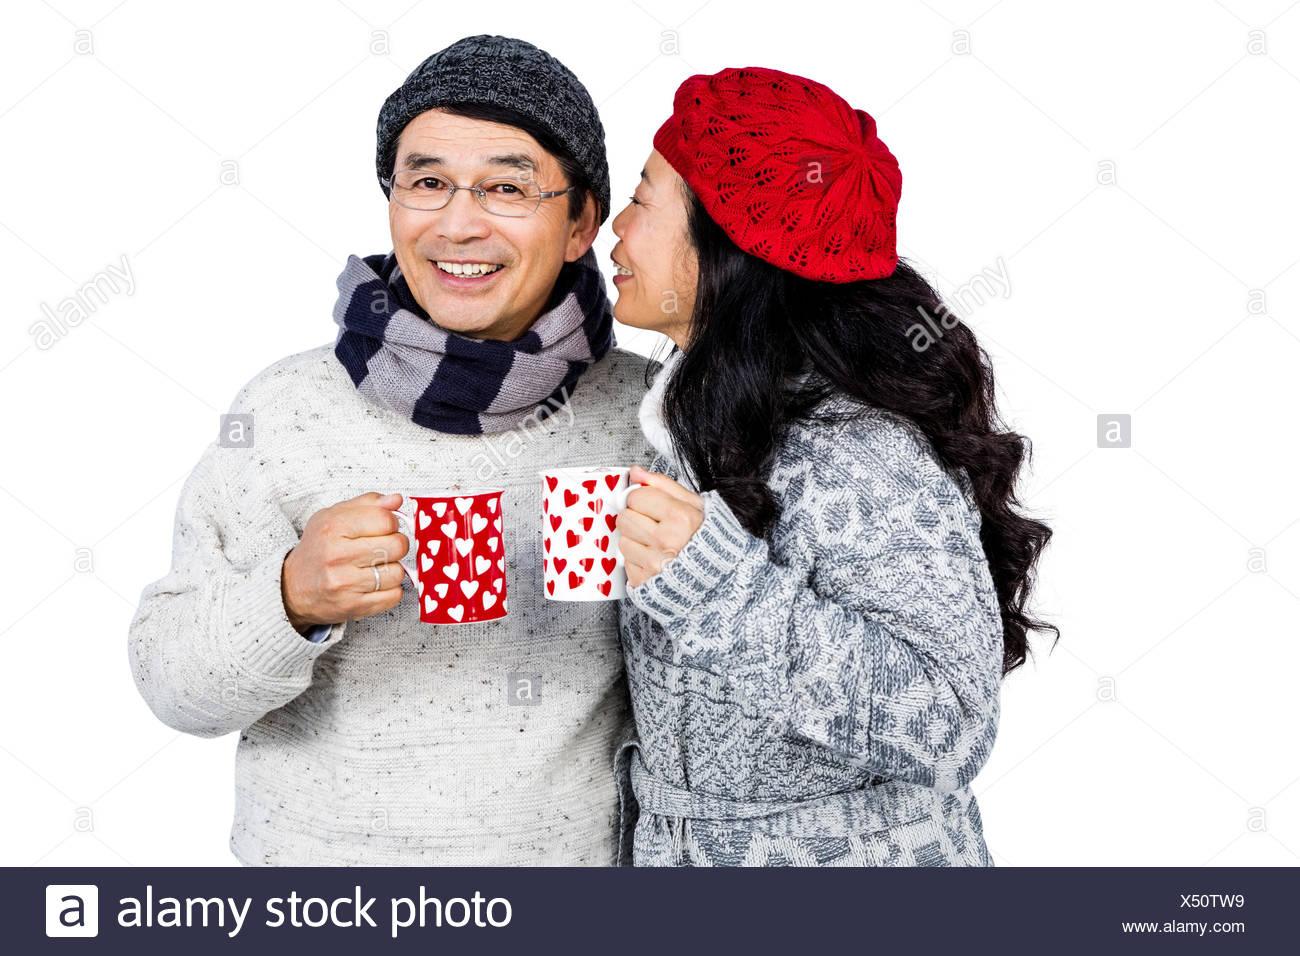 Hot older asian pics, hot tight teen fuck pics